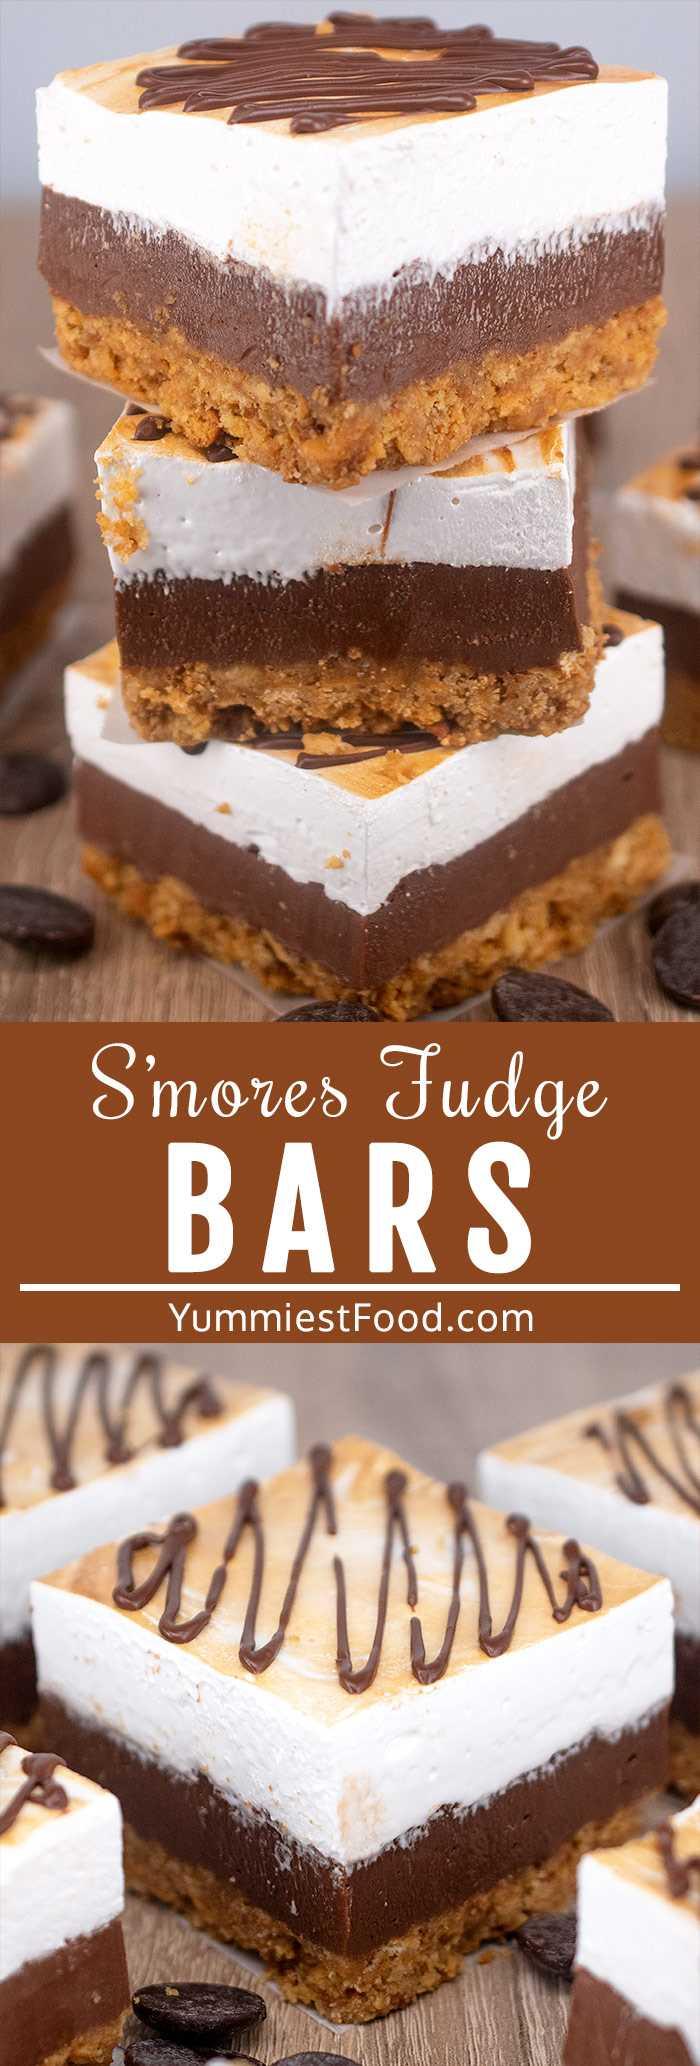 """Estas S'mores Fudge Bars con Homemade Marshmallow Topping son un gran dulce para la familia y para cuando se acerca una multitud. """"Width ="""" 700 """"height ="""" 2066 """"srcset ="""" https://yummiestfood.com/ wp-content / uploads / 2019/07 / S-mores-Fudge-Bars-Recipe-lp-yummiestfood.jpg 700w, https://yummiestfood.com/wp-content/uploads/2019/07/S-mores-Fudge -Bars-Recipe-lp-yummiestfood-102x300.jpg 102w, https://yummiestfood.com/wp-content/uploads/2019/07/S-mores-Fudge-Bars-Recipe-lp-yummiestfood-347x1024.jpg 347w """"size ="""" (max-width: 700px) 100vw, 700px """"data-jpibfi-description ="""" Estas barras de dulce de azúcar S'mores con cobertura de malvavisco casera son un gran dulce para la familia y para cuando una multitud se acerca. Esta receta fácil es una versión del postre de fogata que puedes disfrutar durante todo el año, con una corteza de galleta graham, un relleno de chocolate dulce y sedoso con un relleno de malvavisco casero esponjoso y tostado que también sería ideal para comidas grupales. #dessert #dessertrecipes #summerdessert #chocolatedesserts #bars #fudge #fudgebars #chocolatebars #barsrecipes """"data-jpibfi-post-excerpt ="""" """"data-jpibfi-post-url ="""" https://yummiestfood.com/smores-fudge- bars-with-homemade-marshmallow-topping -cipe / """"data-jpibfi-post-title ="""" S'mores Fudge Bars con relleno de malvavisco casero """"data-jpibfi-src ="""" http://yummiestfood.com/wp-content /uploads/2019/07/S-mores-Fudge-Bars-Recipe-lp-yummiestfood.jpg """">. (tagsToTranslate) fudge bars (t) bars (t) bars receta </p> </div>"""